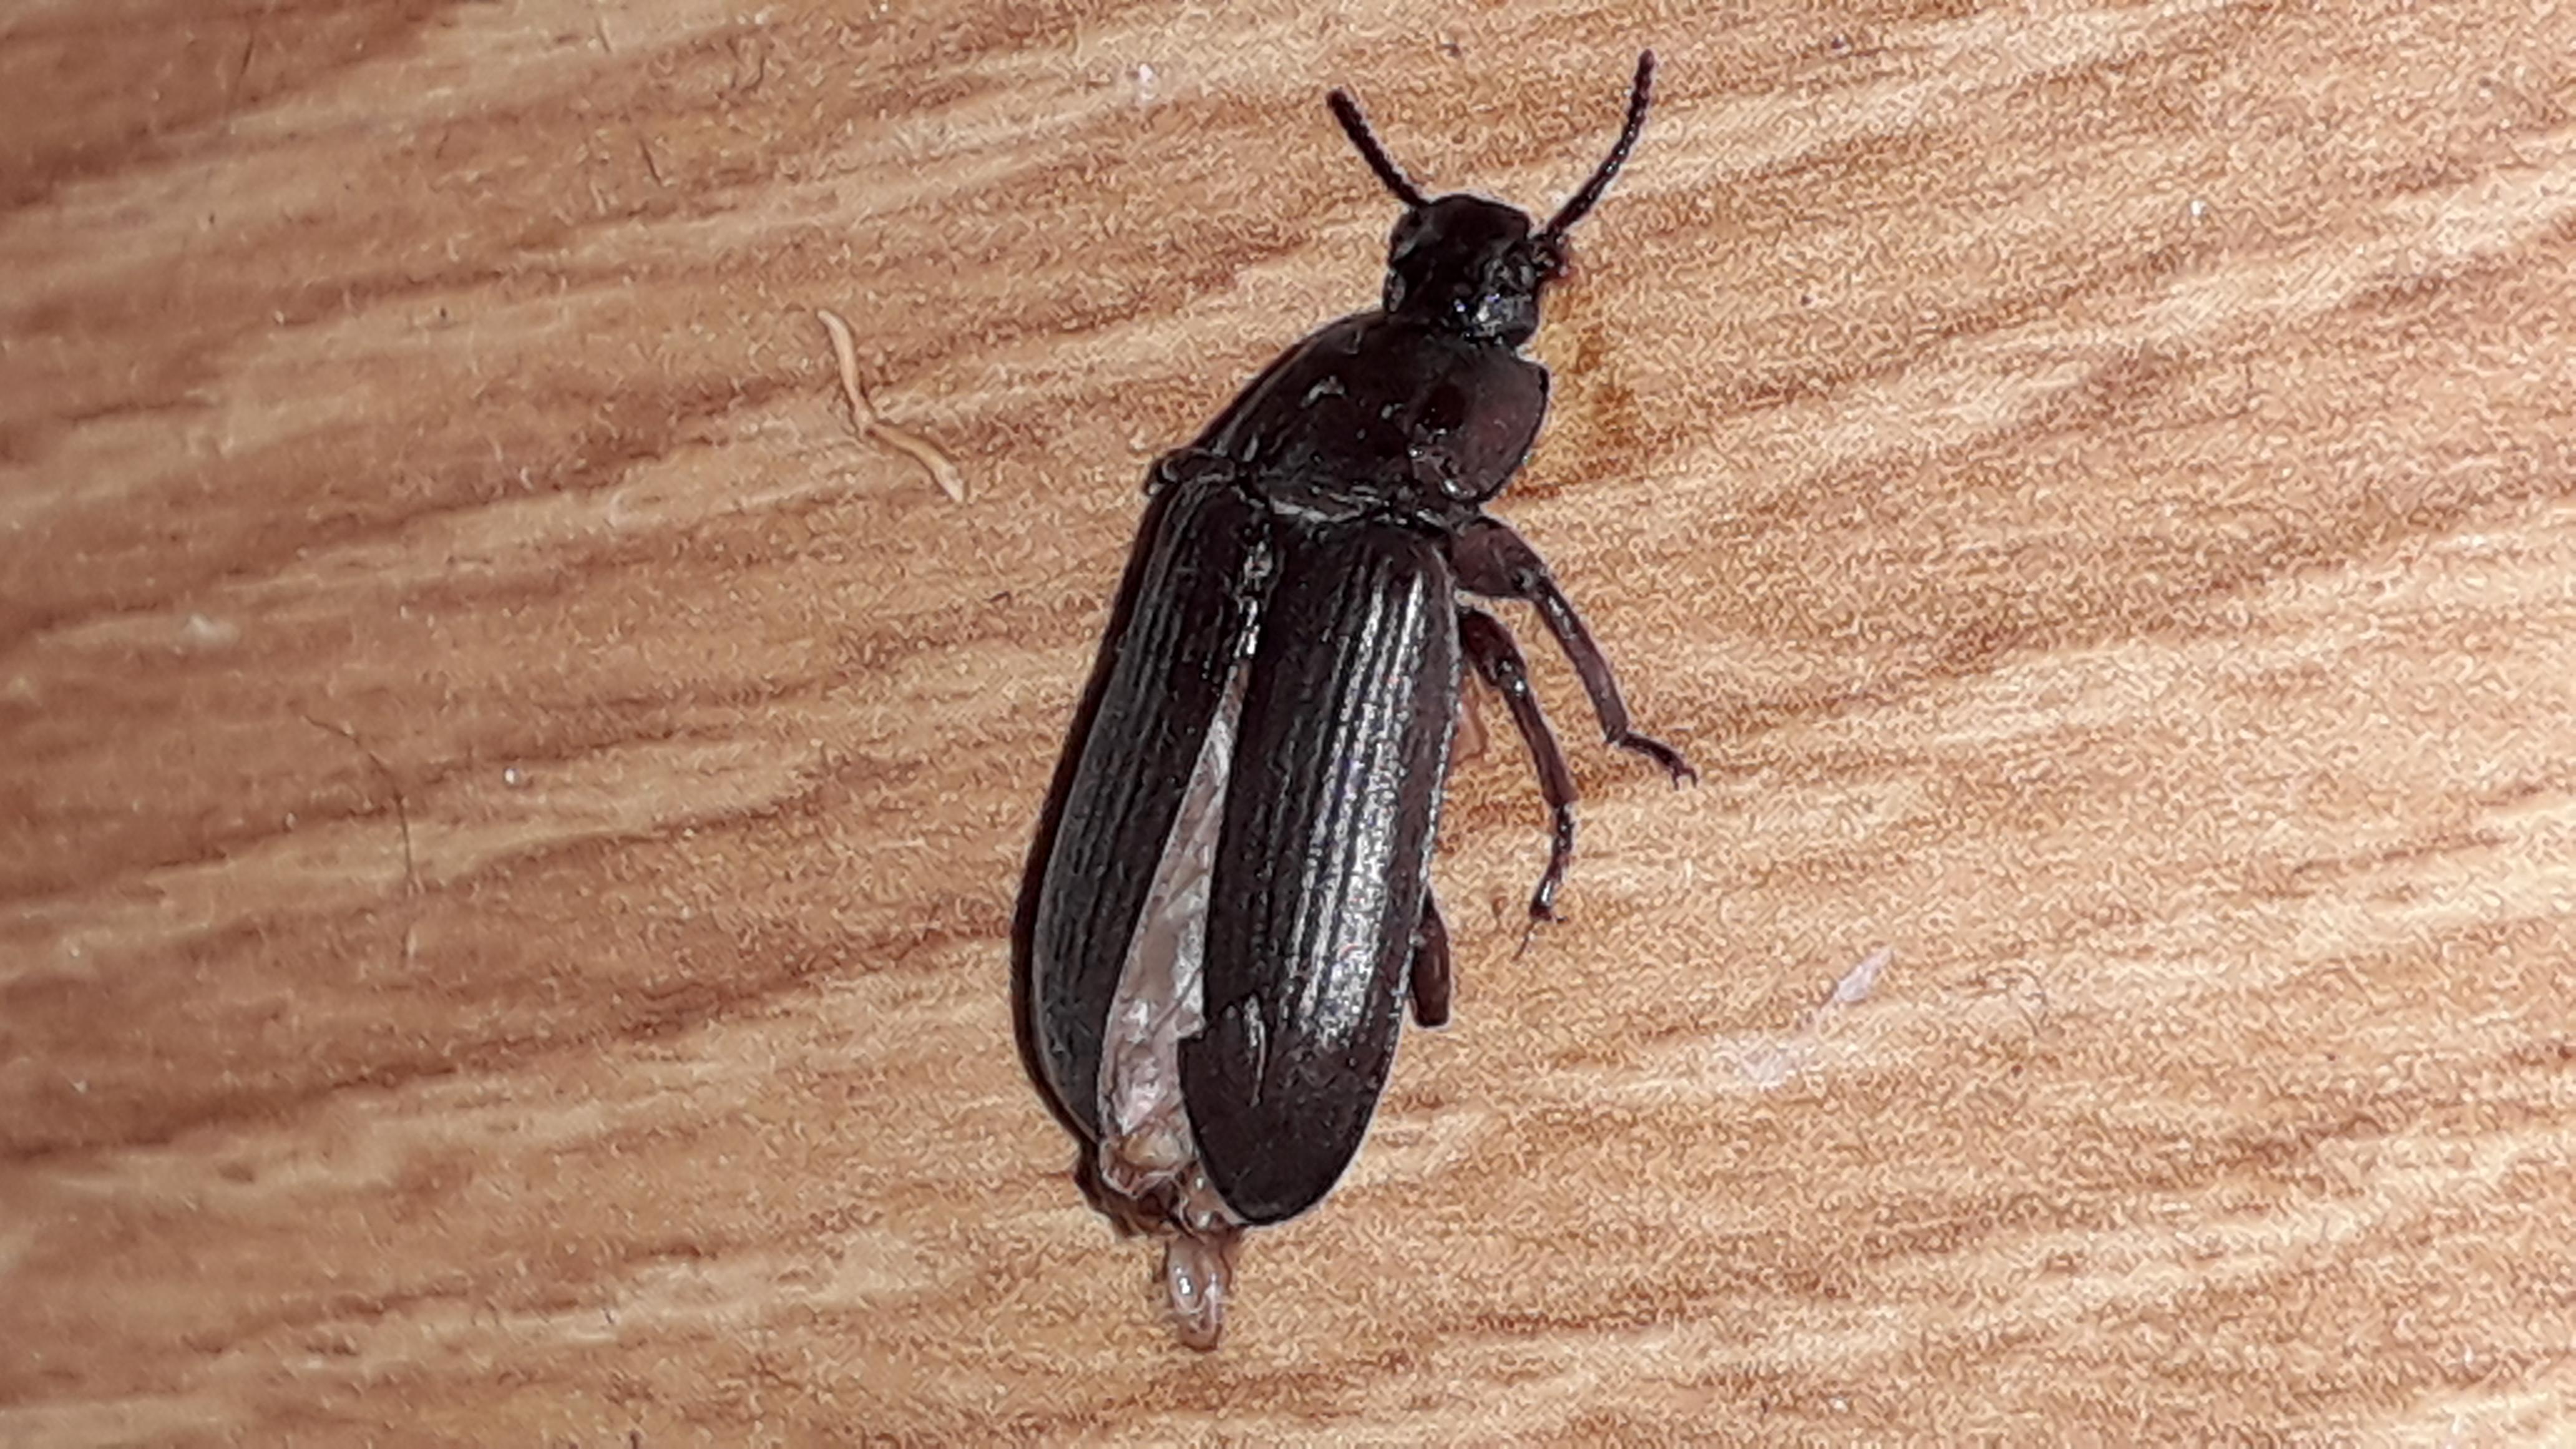 жуки похожие на тараканов фото смену традиционным кухонным